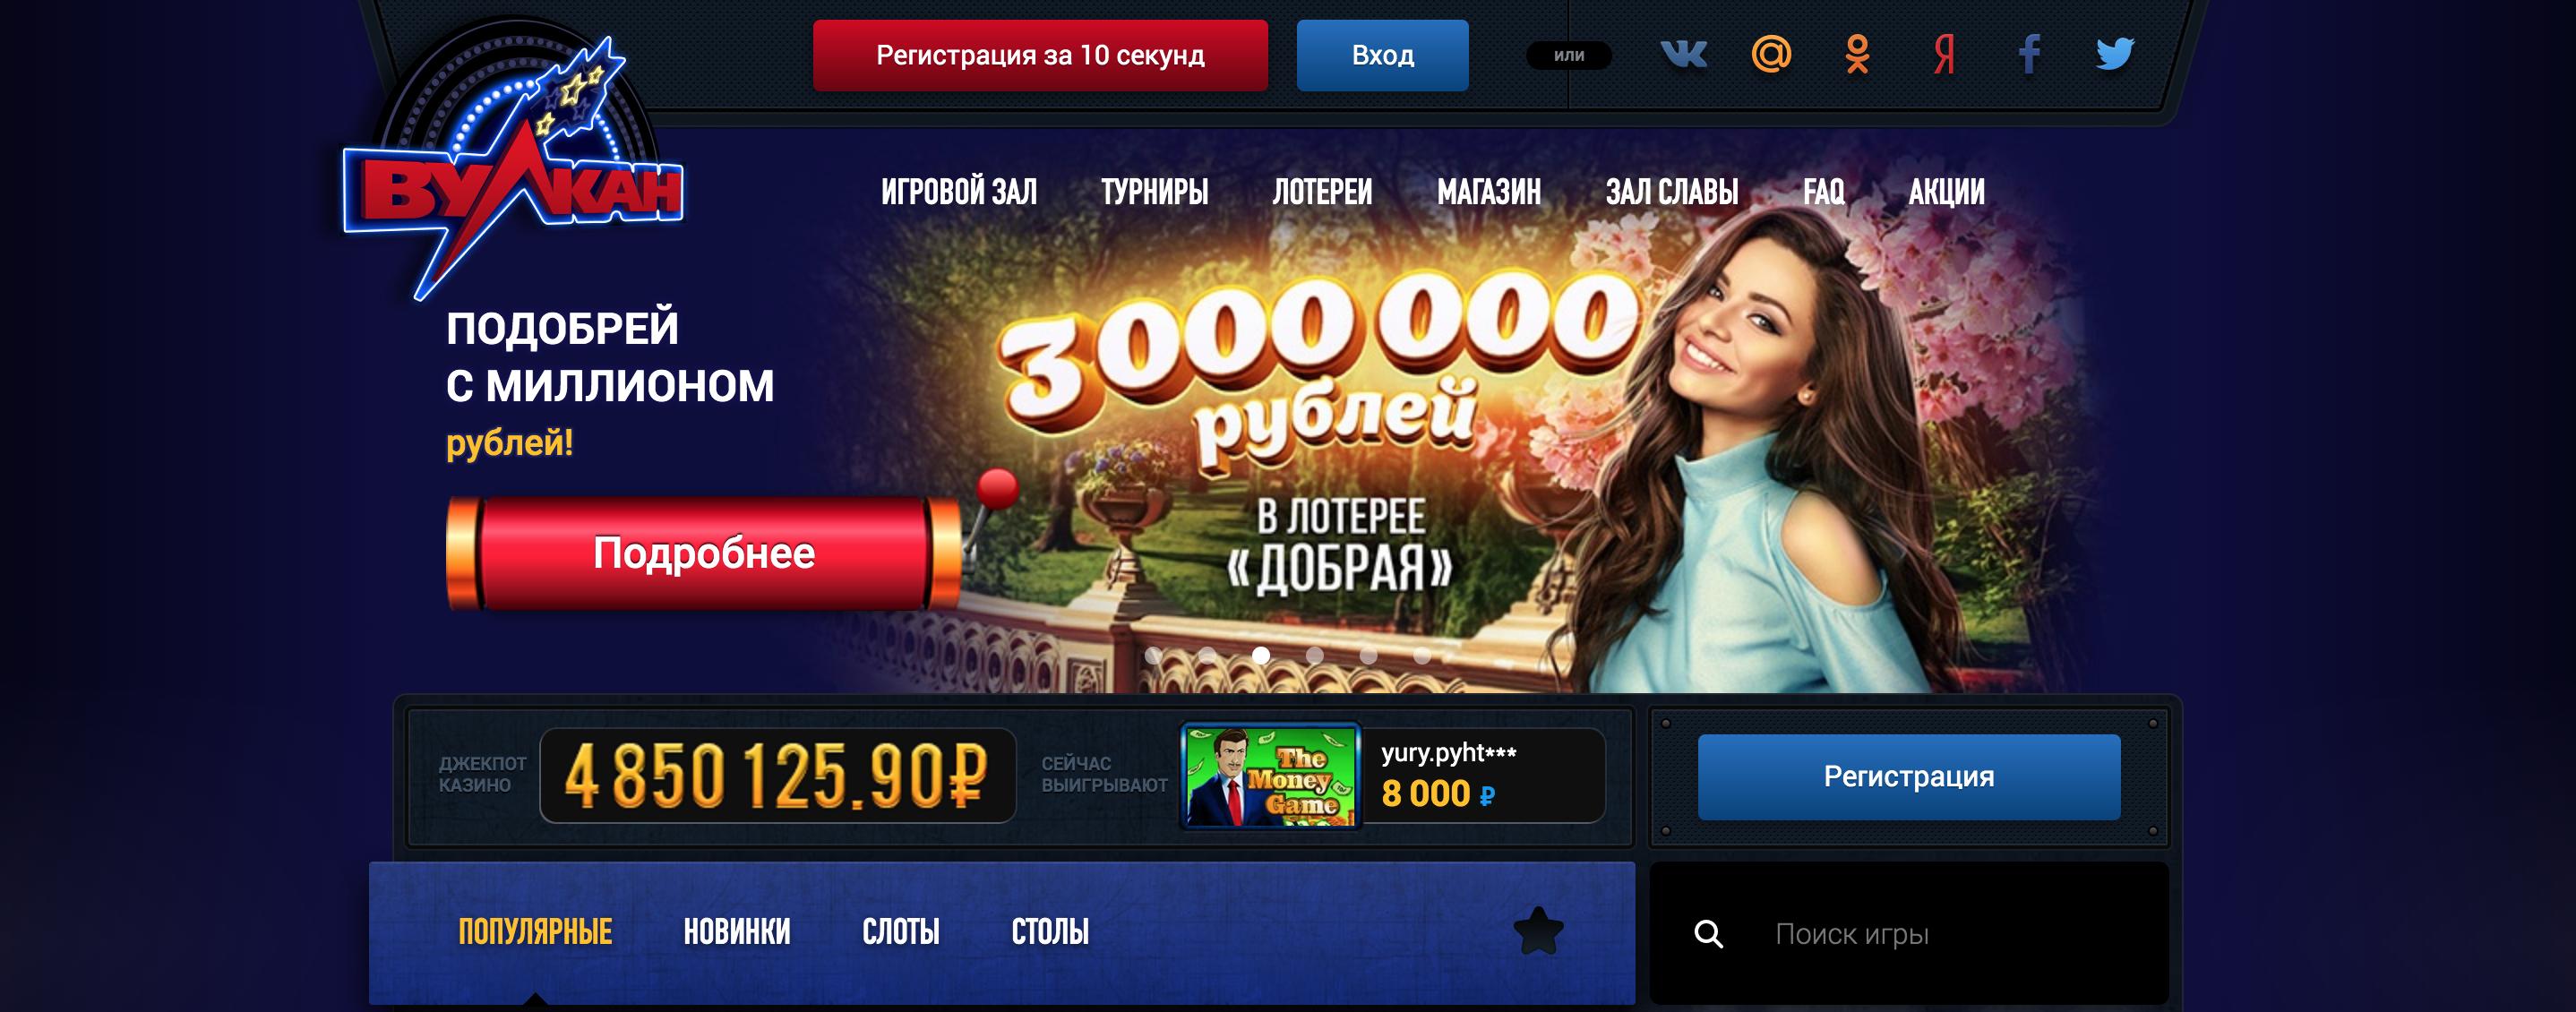 Казино вулкан удачи официальный сайт пристальное развитое внимание дизайнеров пожелания увлеченных игроков казино дает шанс